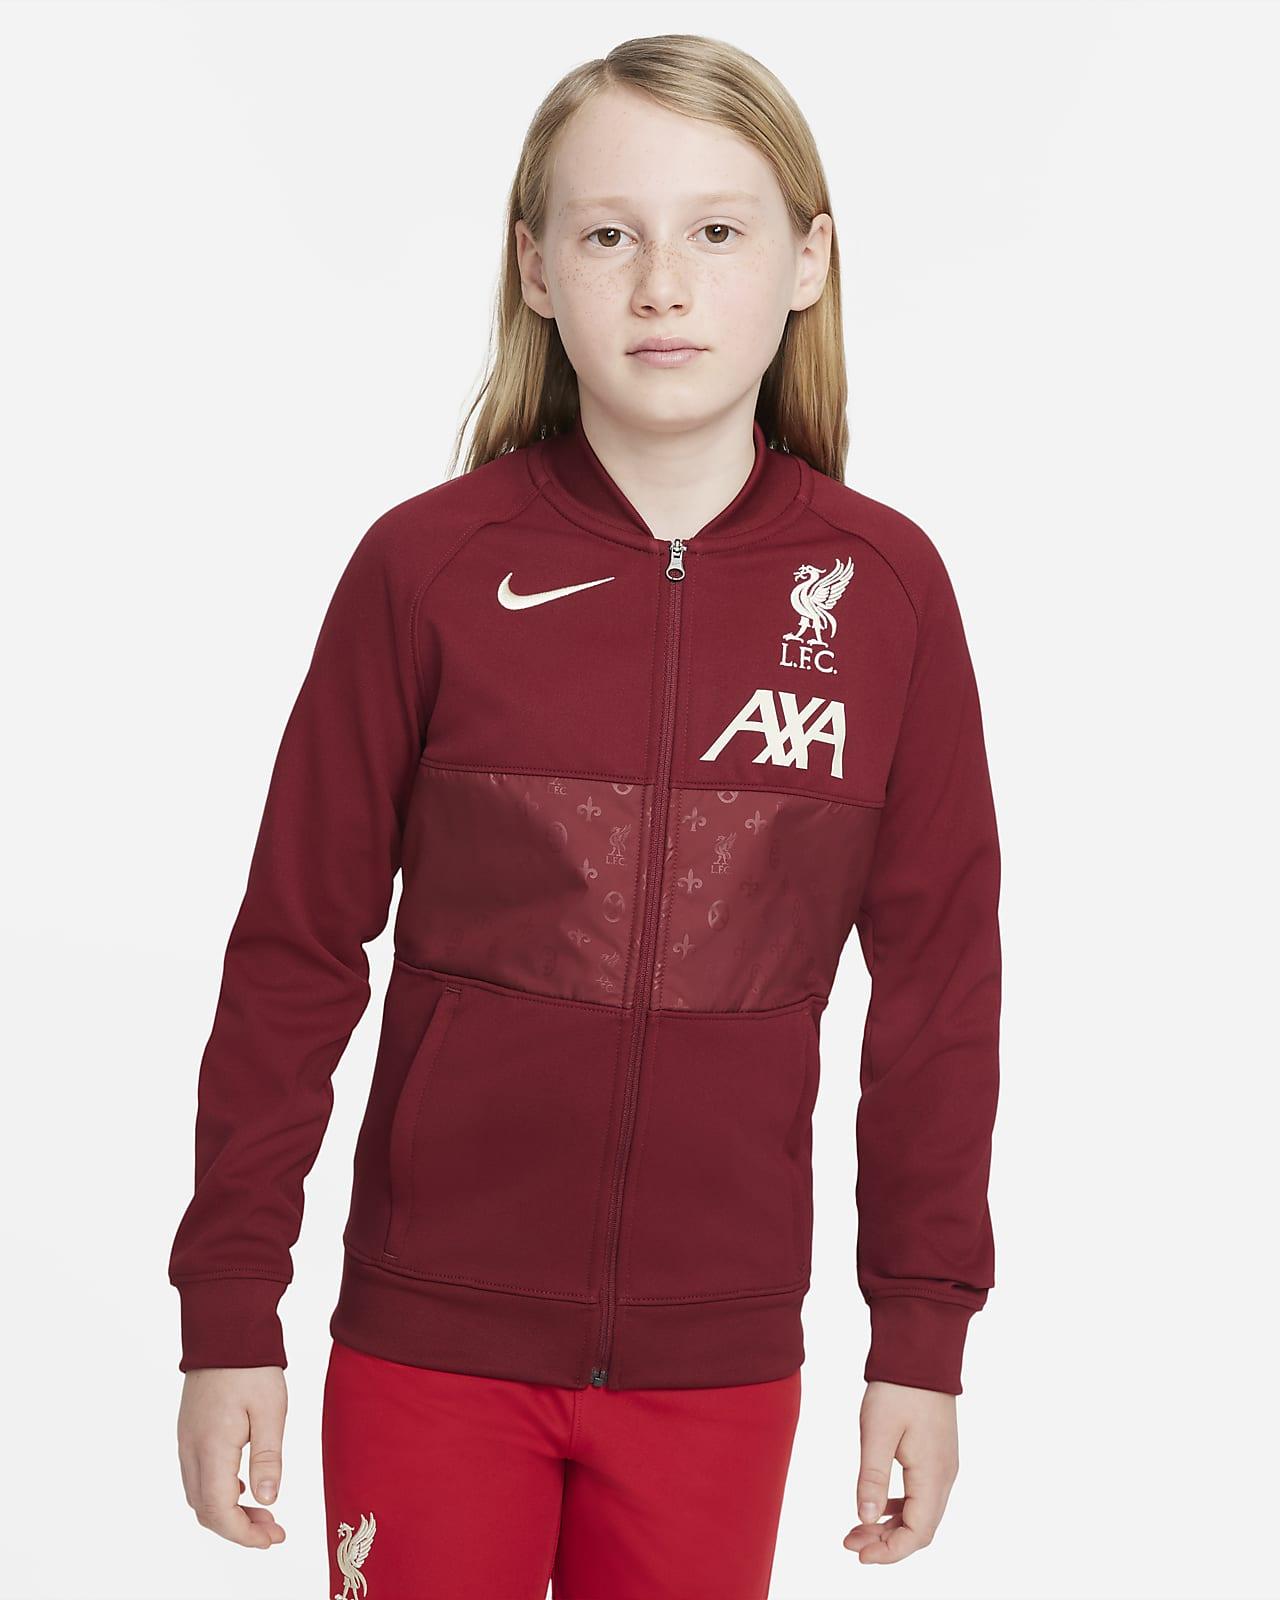 Liverpool FC Fußball Track-Jacket mit durchgehendem Reißverschluss für ältere Kinder